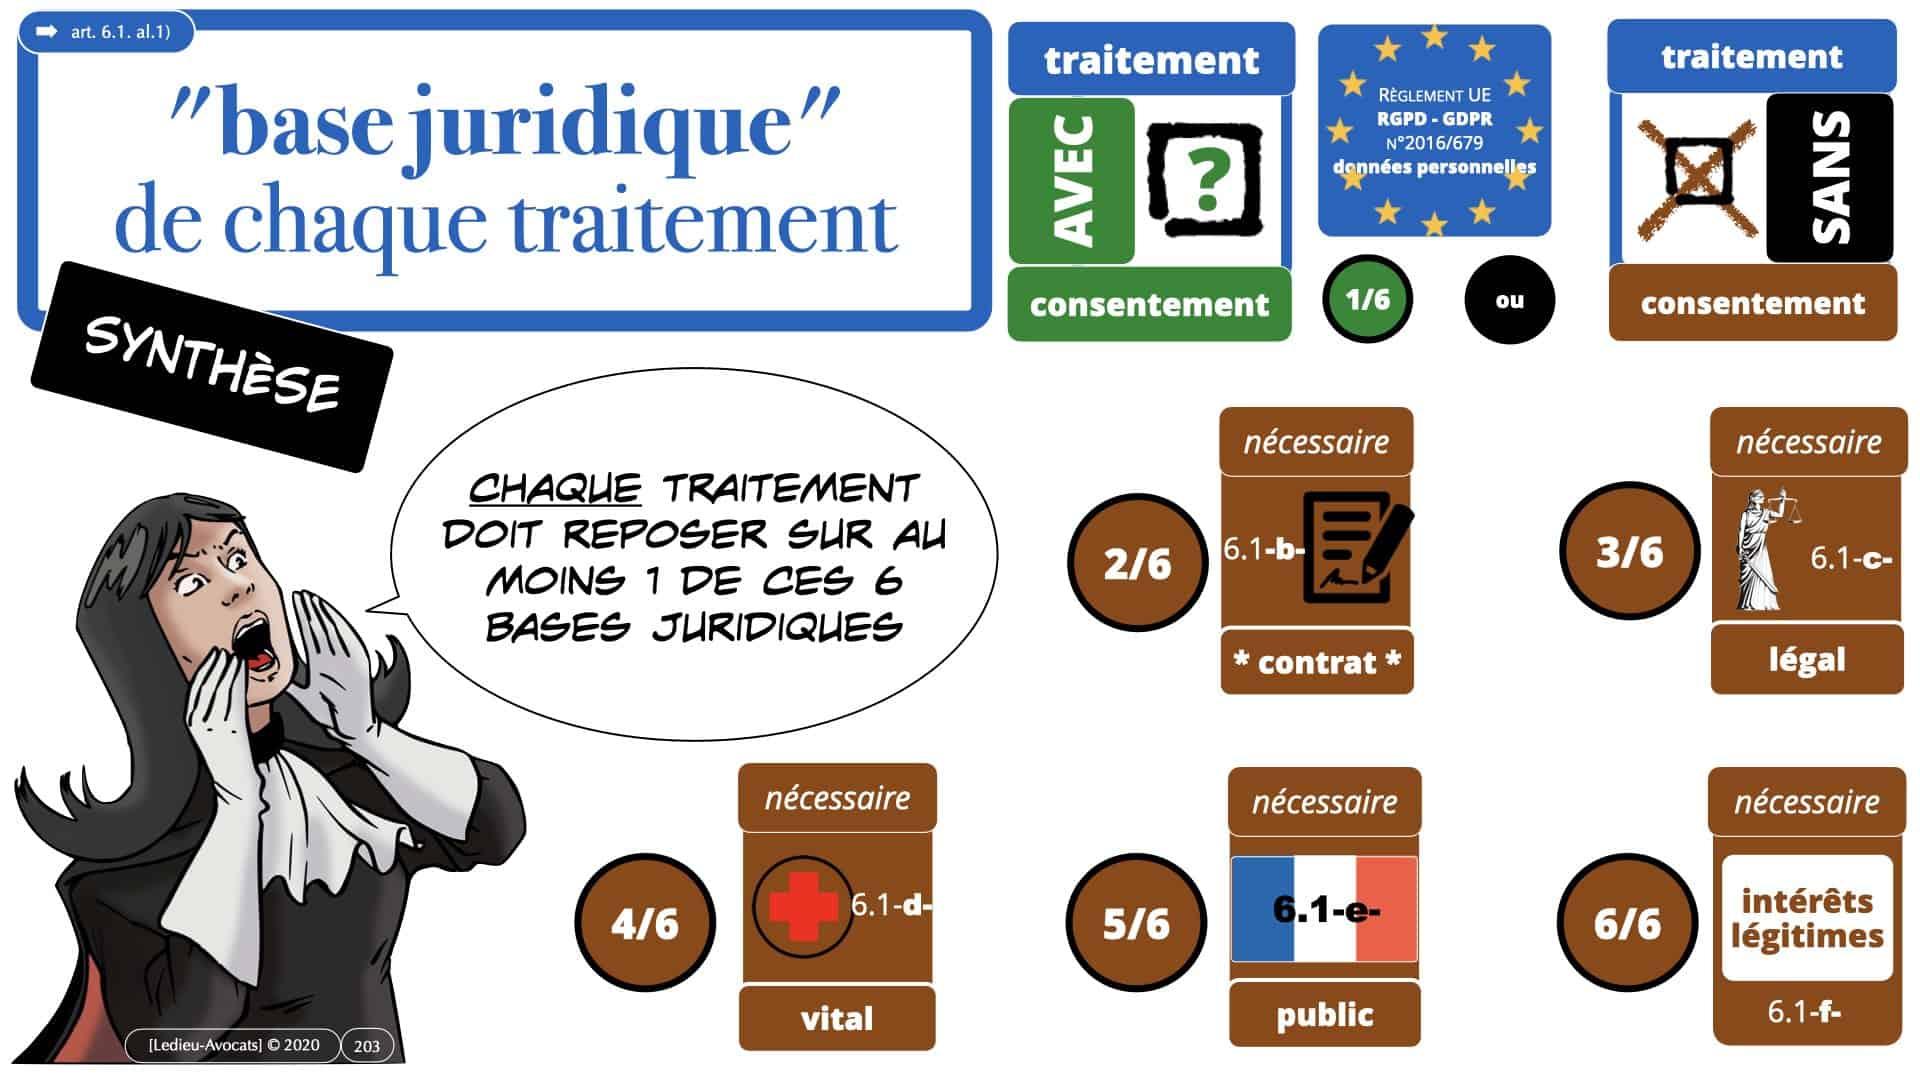 RGPD e-Privacy données personnelles jurisprudence formation Lamy Les Echos 10-02-2021 ©Ledieu-Avocats.203